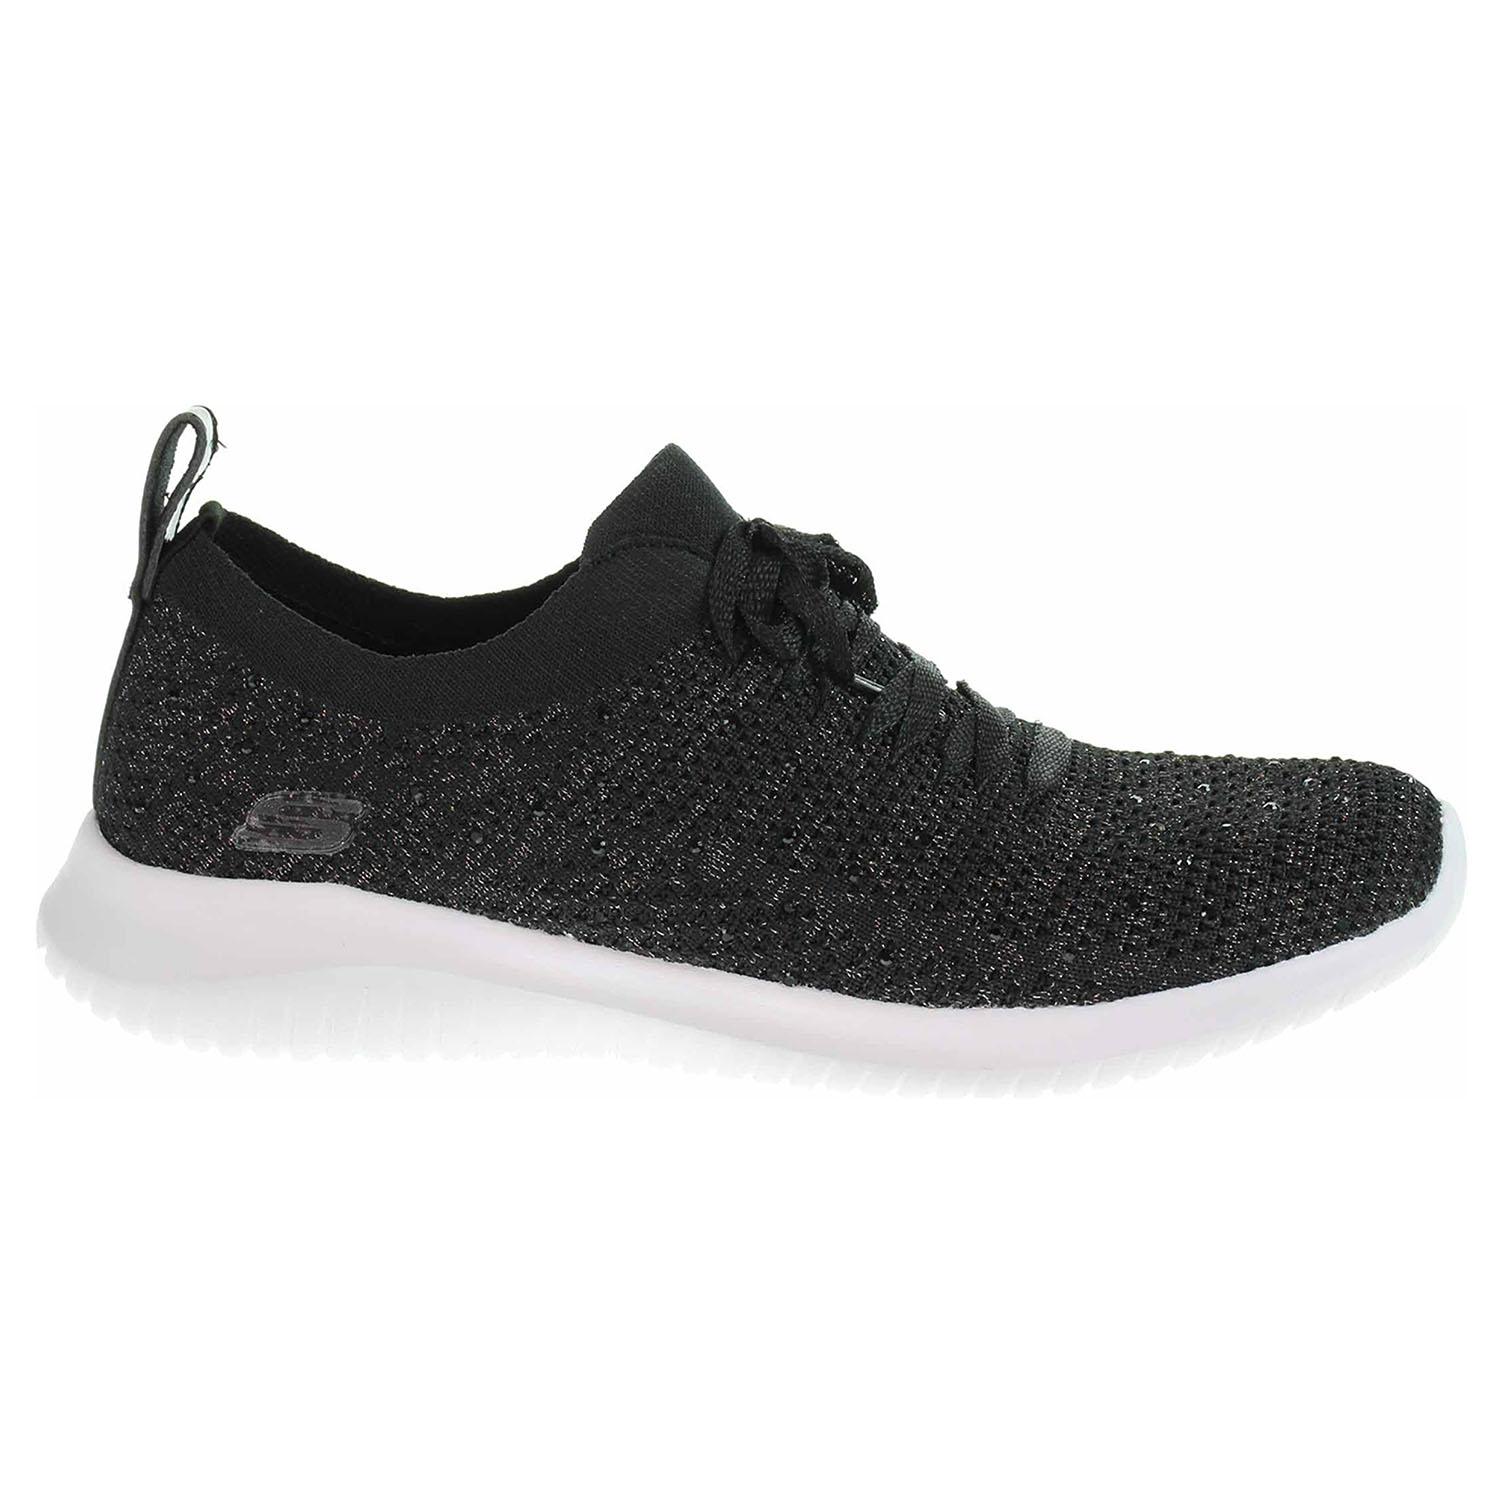 Skechers Ultra Flex - Strolling Out black 13099 BLK 40